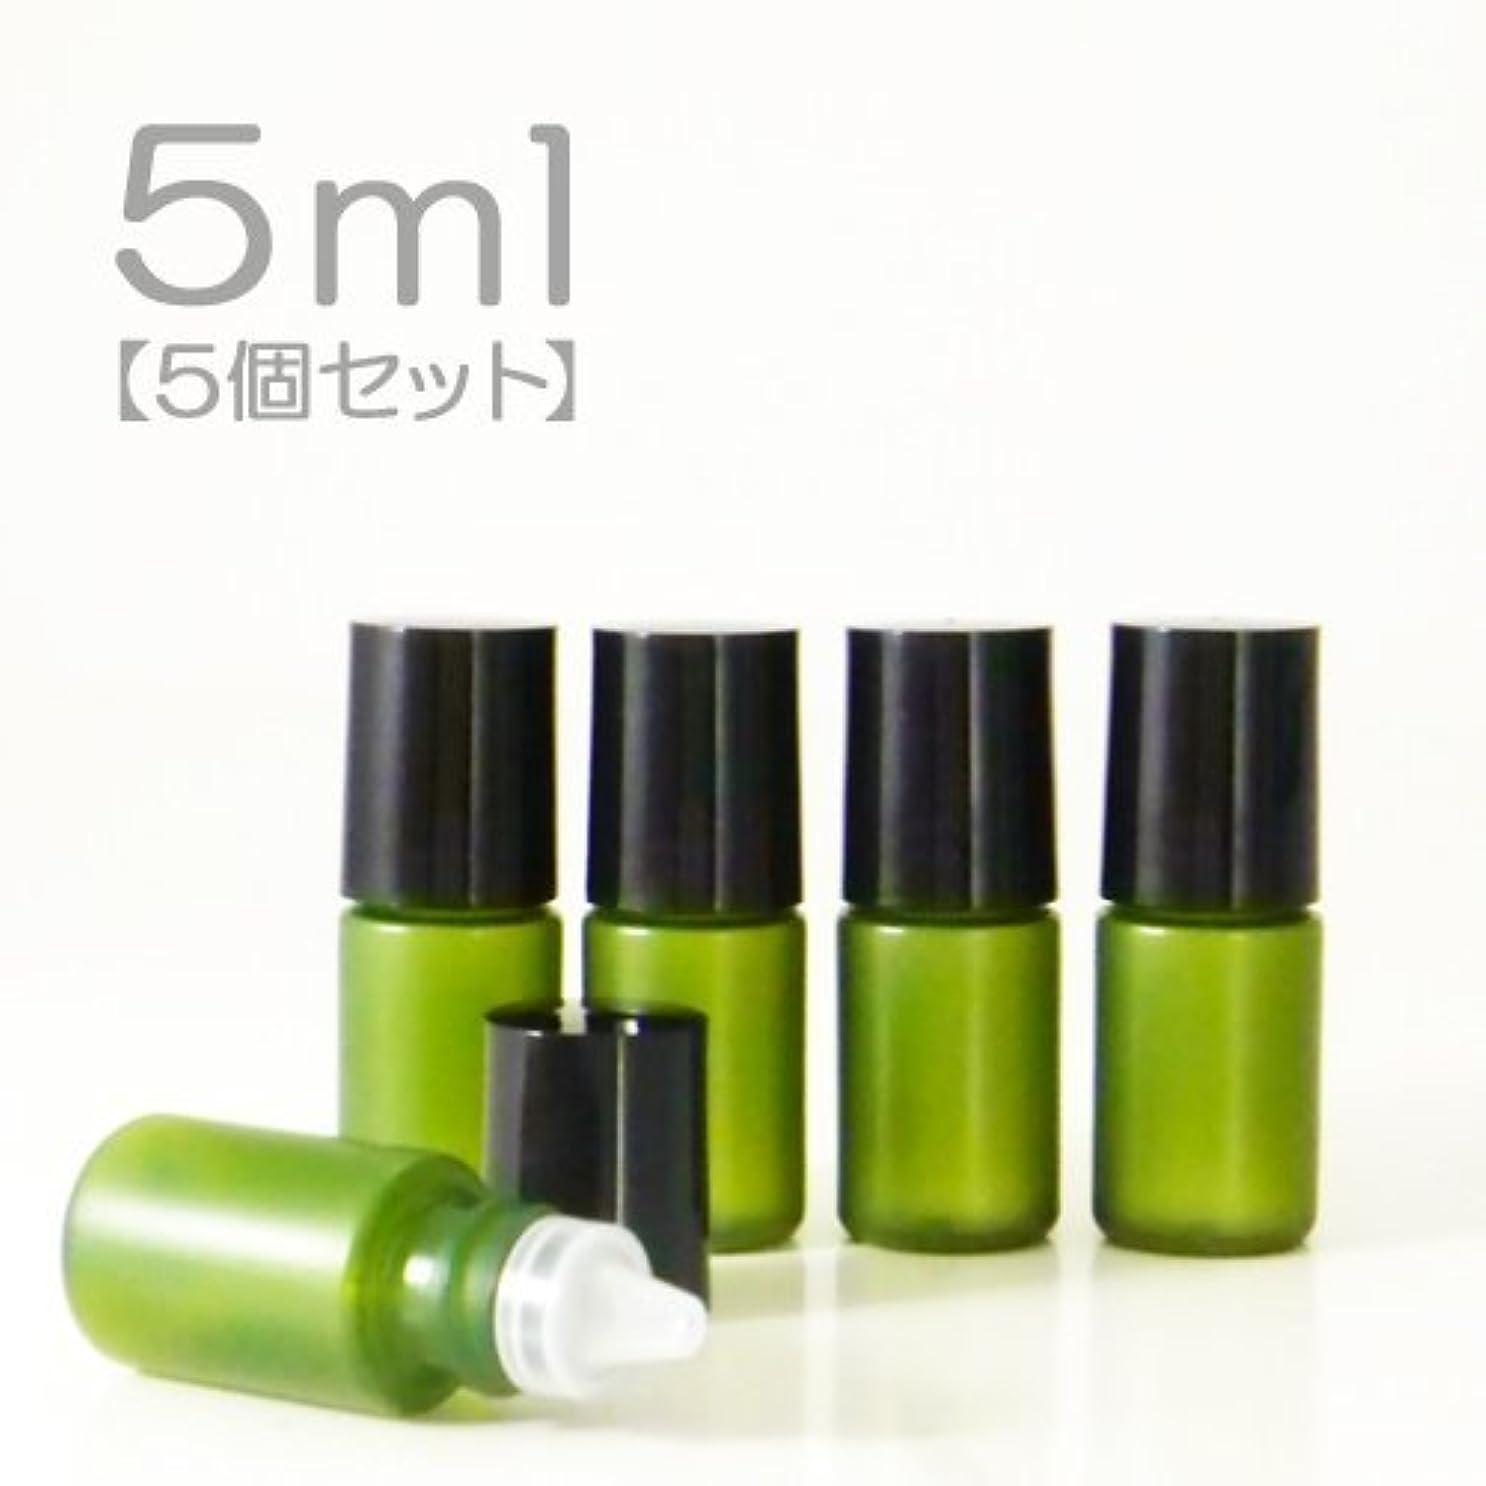 眠いです出席する近傍ミニボトル容器 化粧品容器 グリーン 5ml 5個セット